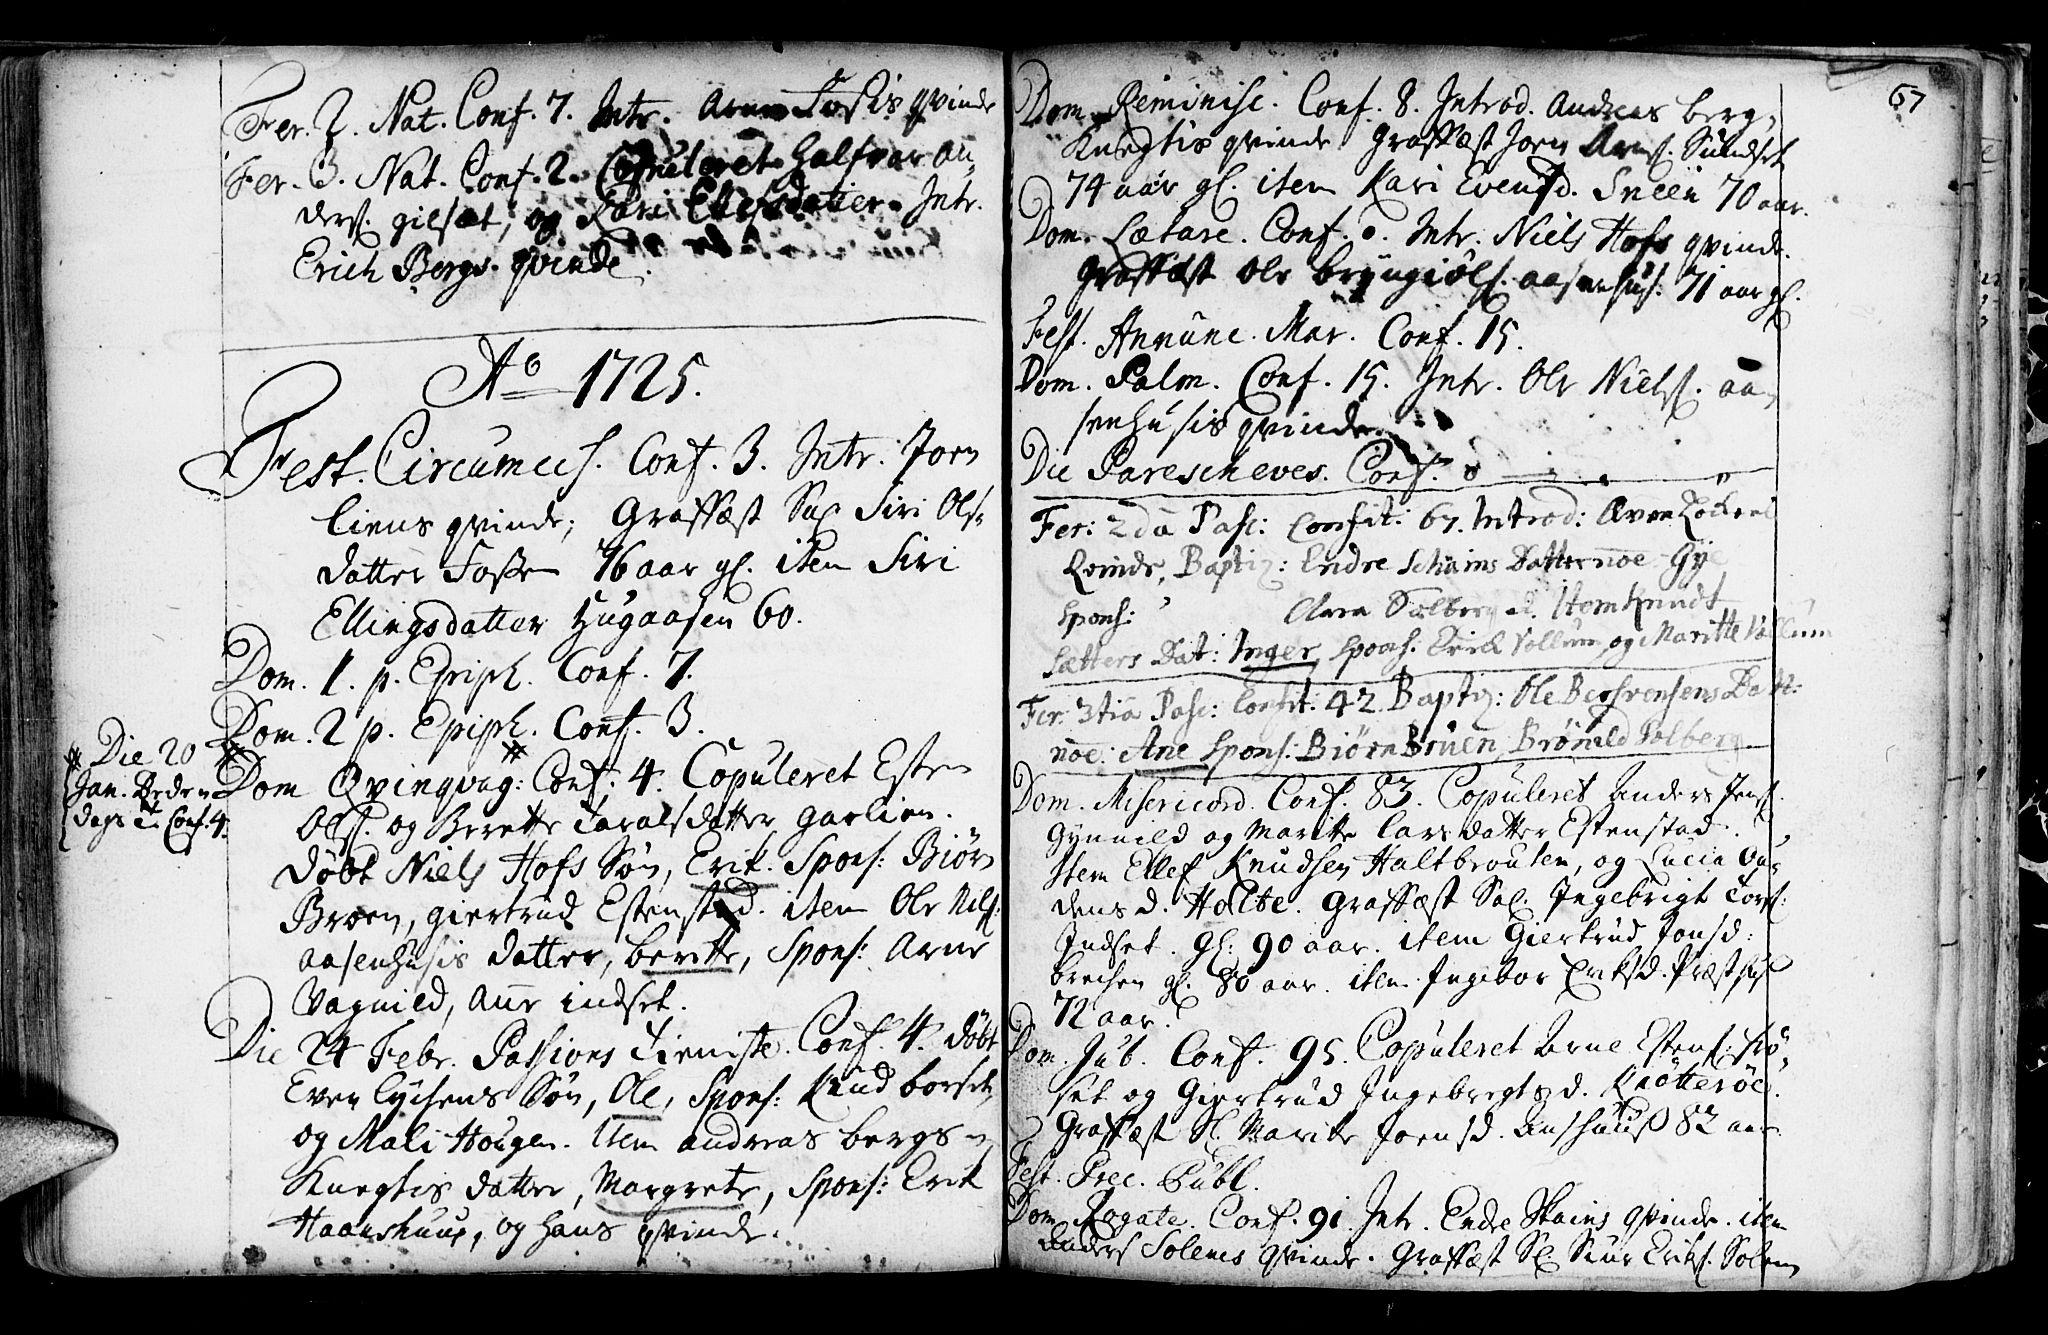 SAT, Ministerialprotokoller, klokkerbøker og fødselsregistre - Sør-Trøndelag, 689/L1036: Ministerialbok nr. 689A01, 1696-1746, s. 67